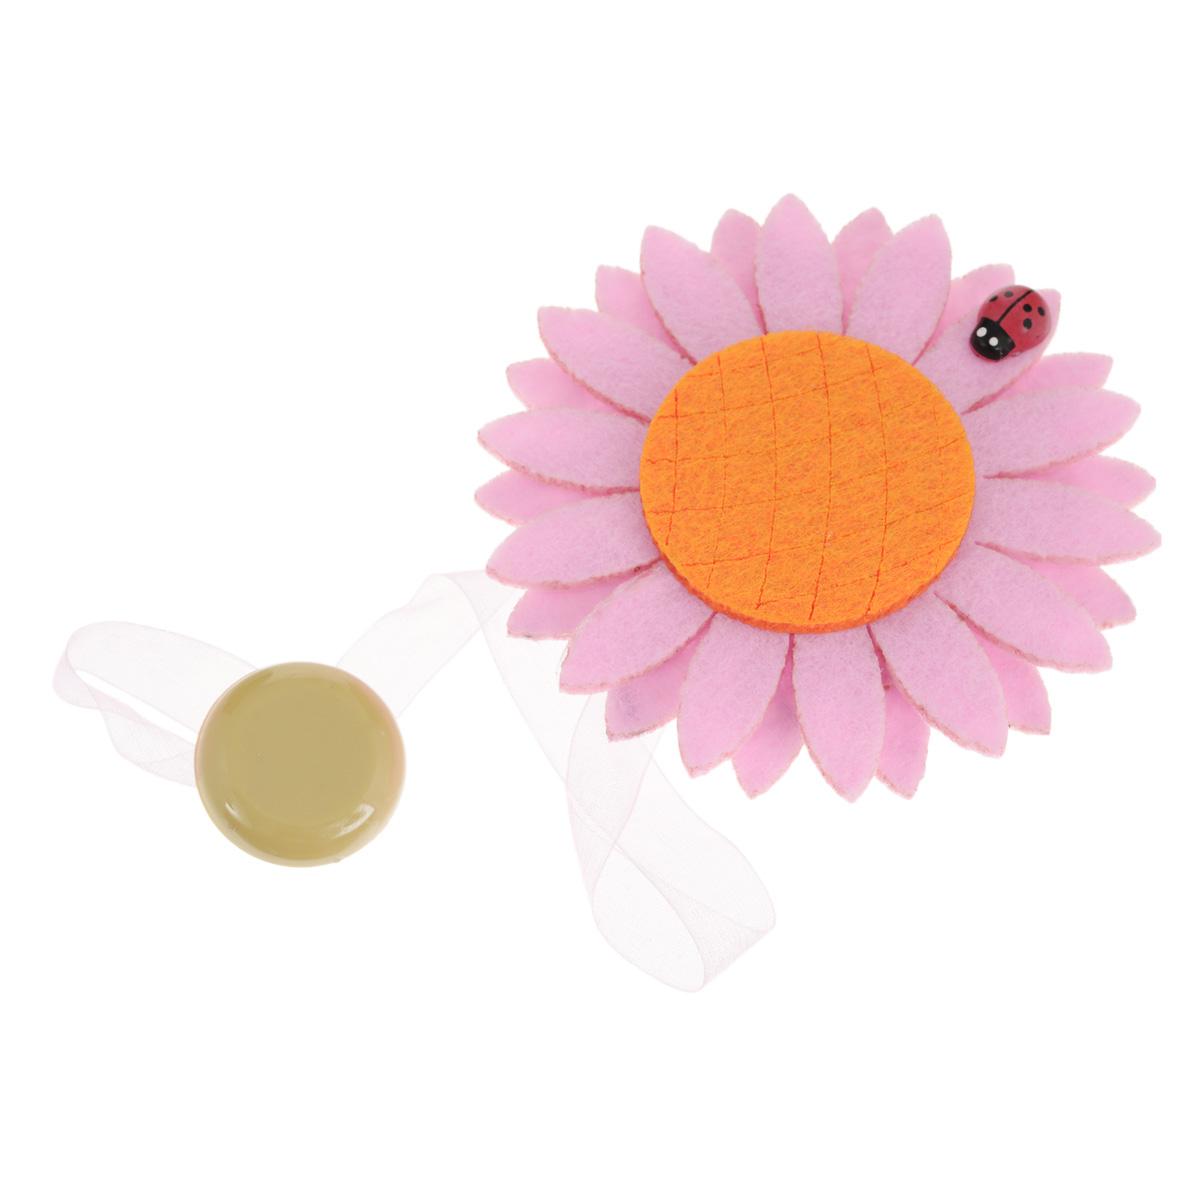 Клипса-магнит для штор Calamita Fiore, цвет: светло-розовый, оранжевый. 7704012_5497704012_549Клипса-магнит Calamita Fiore, изготовленная из пластика и текстиля, предназначена для придания формы шторам. Изделие представляет собой два магнита, расположенные на разных концах текстильной ленты. Один из магнитов оформлен декоративным цветком. С помощью такой магнитной клипсы можно зафиксировать портьеры, придать им требуемое положение, сделать складки симметричными или приблизить портьеры, скрепить их. Клипсы для штор являются универсальным изделием, которое превосходно подойдет как для штор в детской комнате, так и для штор в гостиной. Следует отметить, что клипсы для штор выполняют не только практическую функцию, но также являются одной из основных деталей декора этого изделия, которая придает шторам восхитительный, стильный внешний вид.